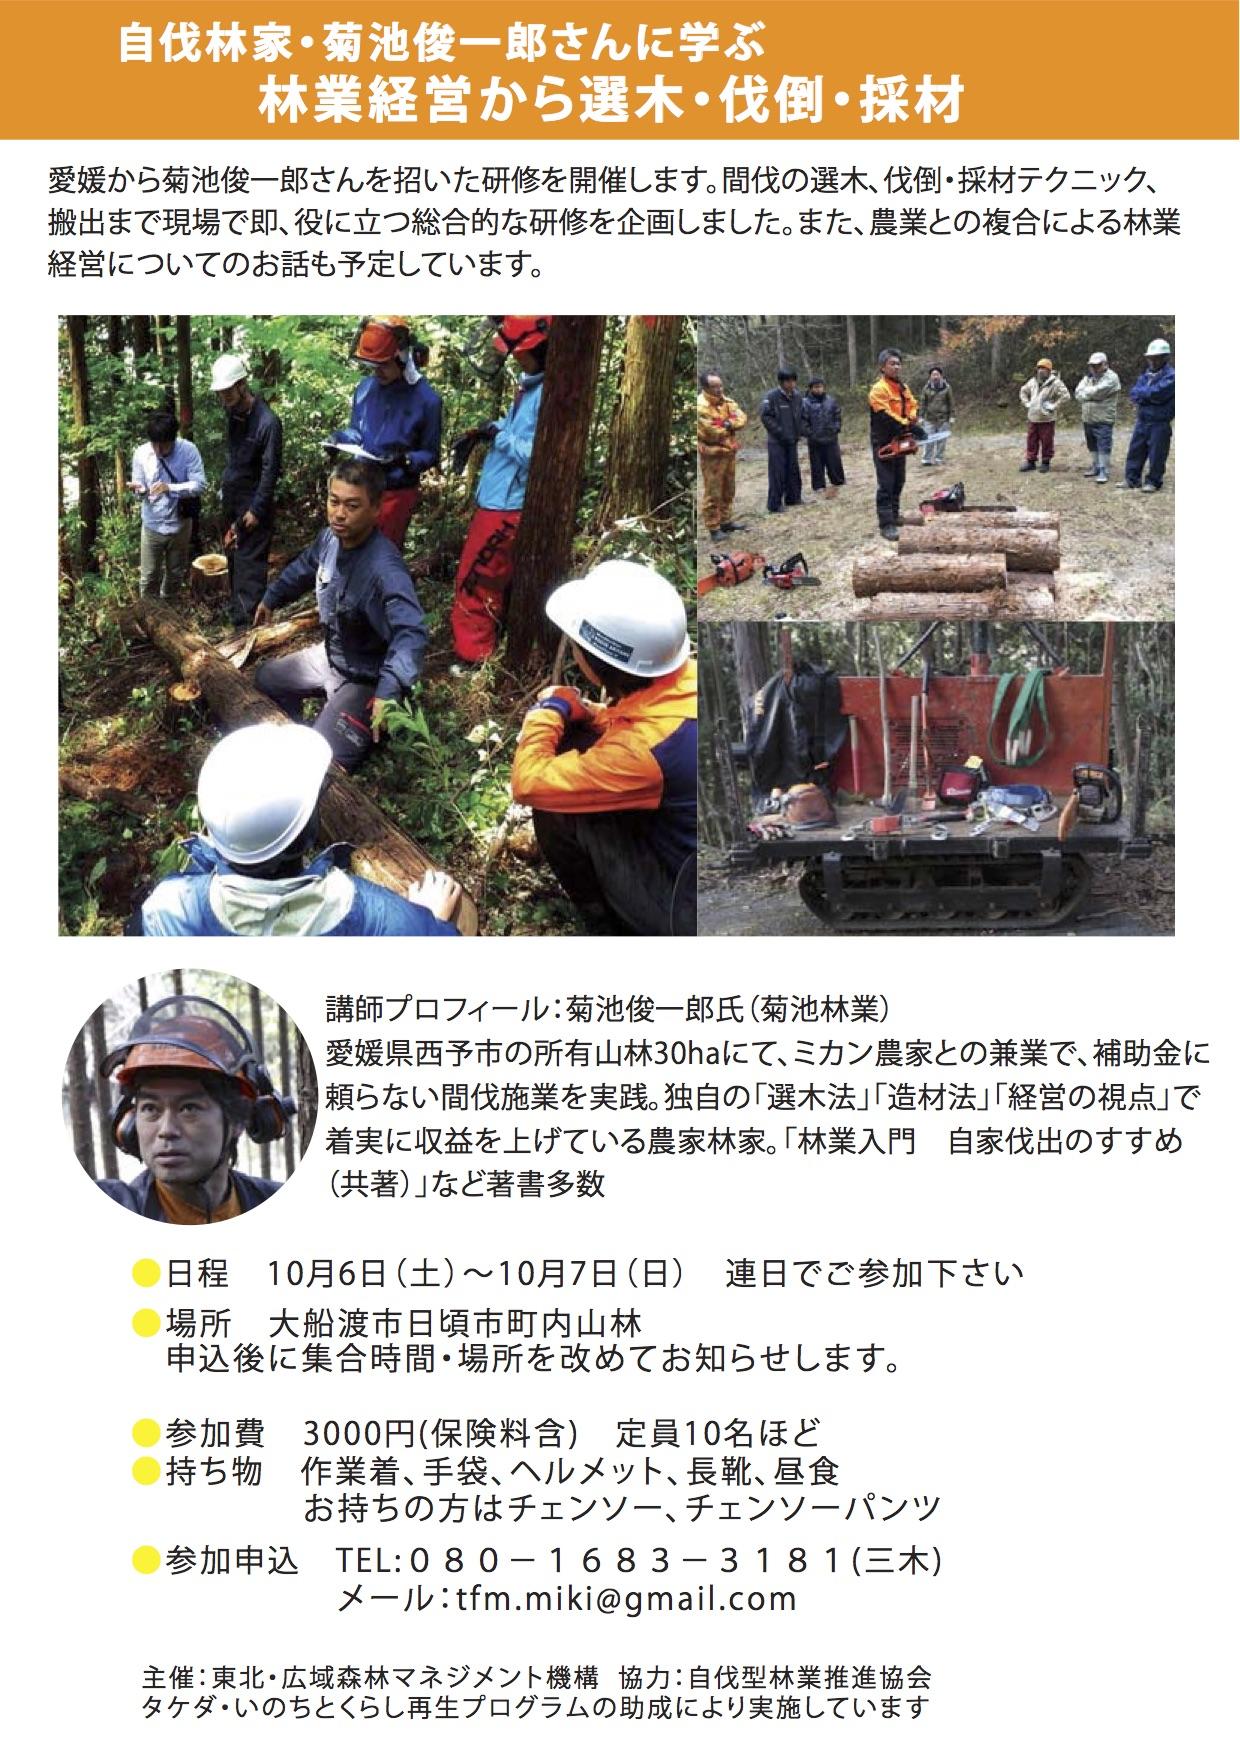 【申込者多数により締切】岩手県大船渡市で10月6日に「自伐林家・菊池俊一郎さんに学ぶー林業経営から選木・伐倒・採材」が開催されます。